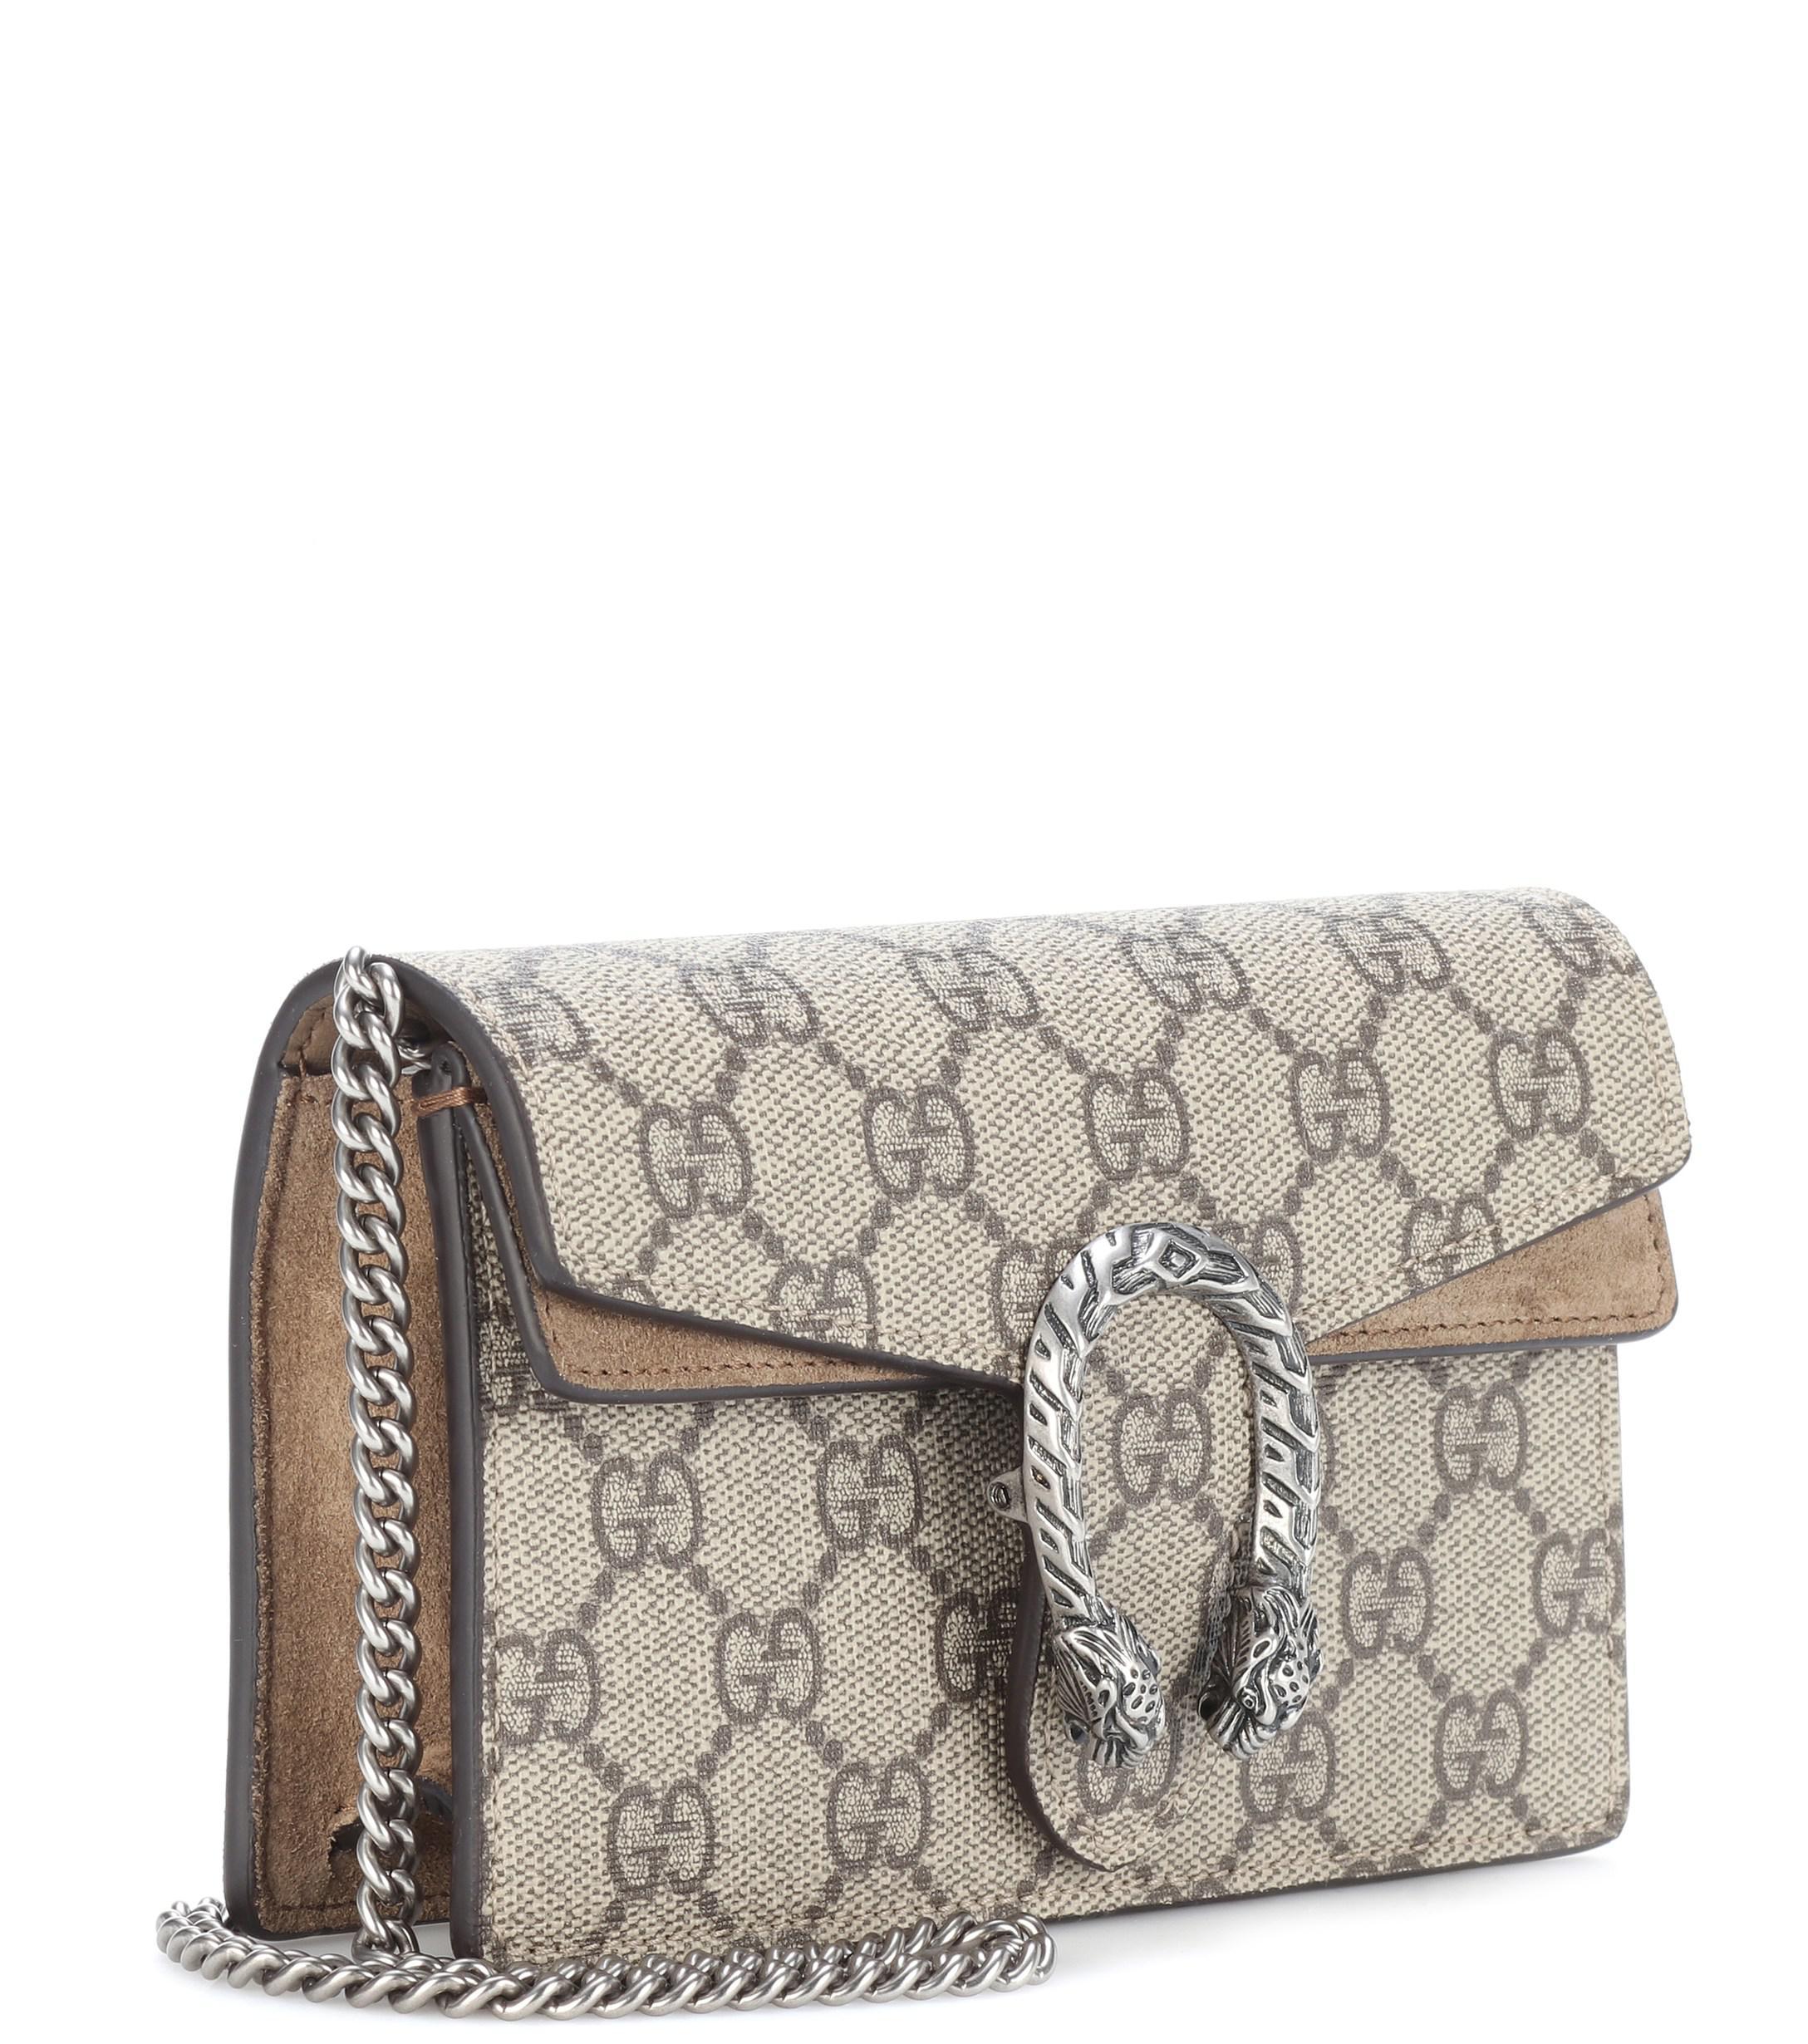 0ae6a5555b777 Lyst - Gucci Dionysus GG Supreme Super Mini Shoulder Bag in Natural